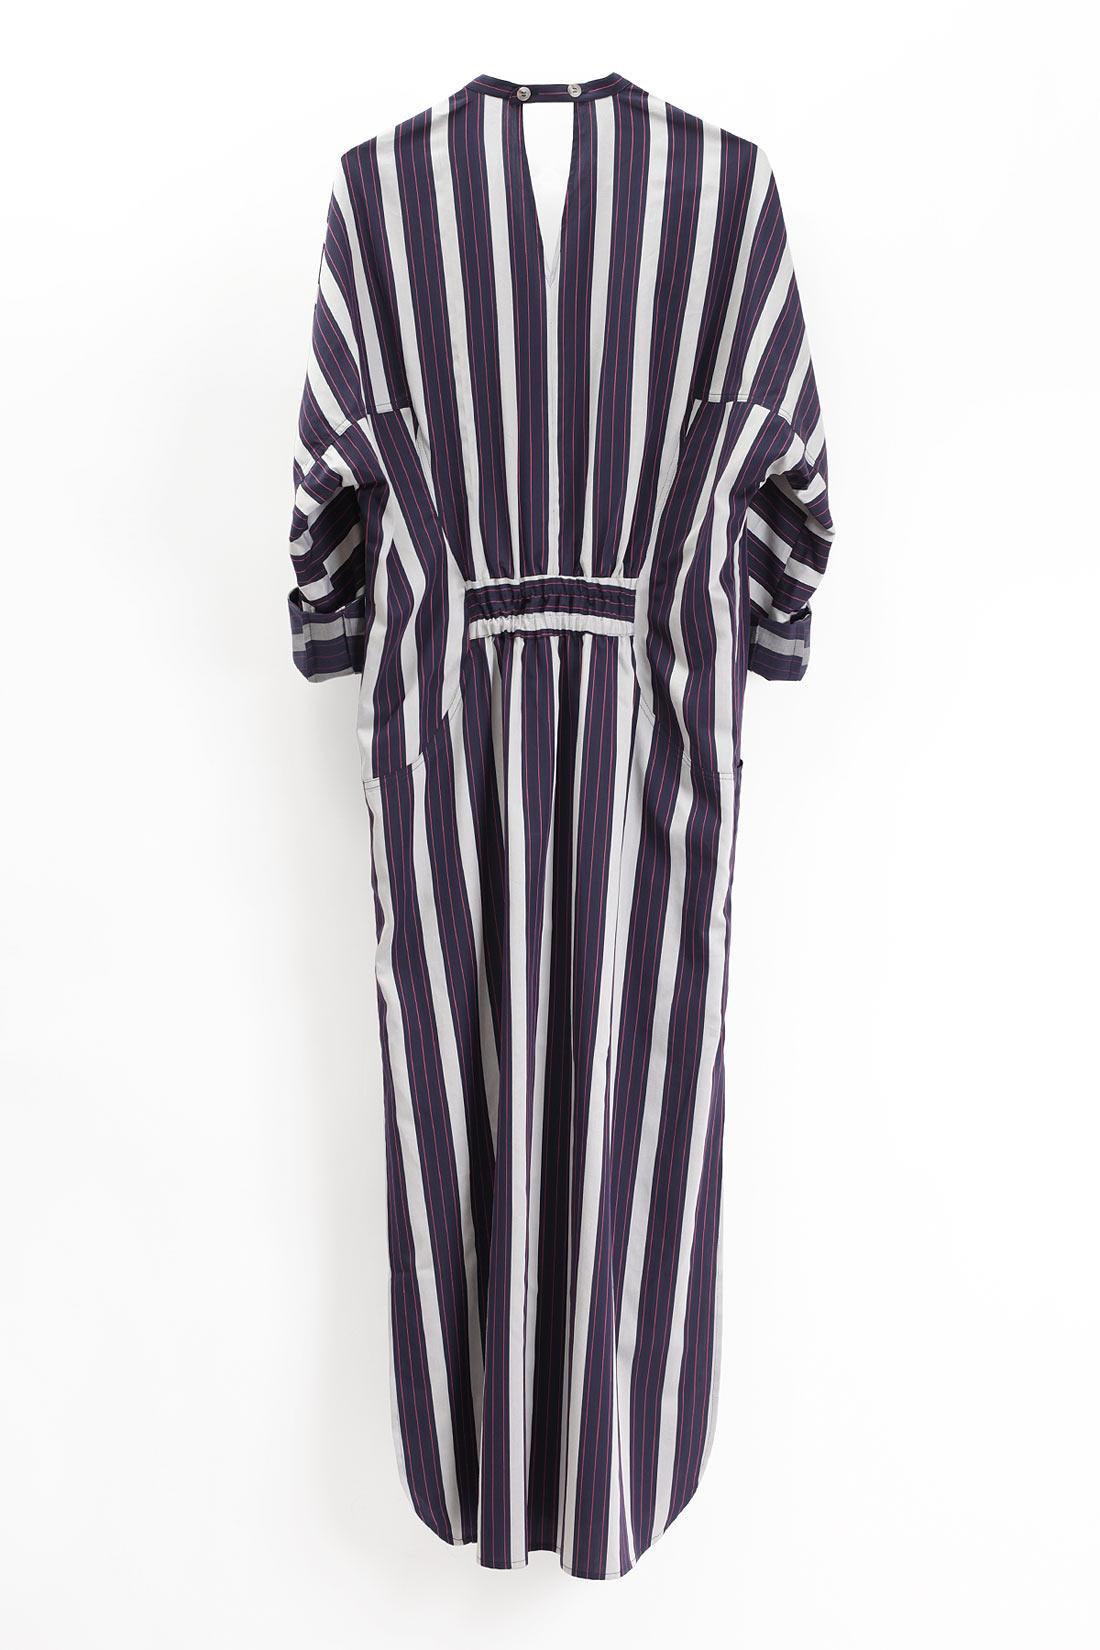 paula immich Maxikleid mit breiten Streifen aus leichter Baumwolle